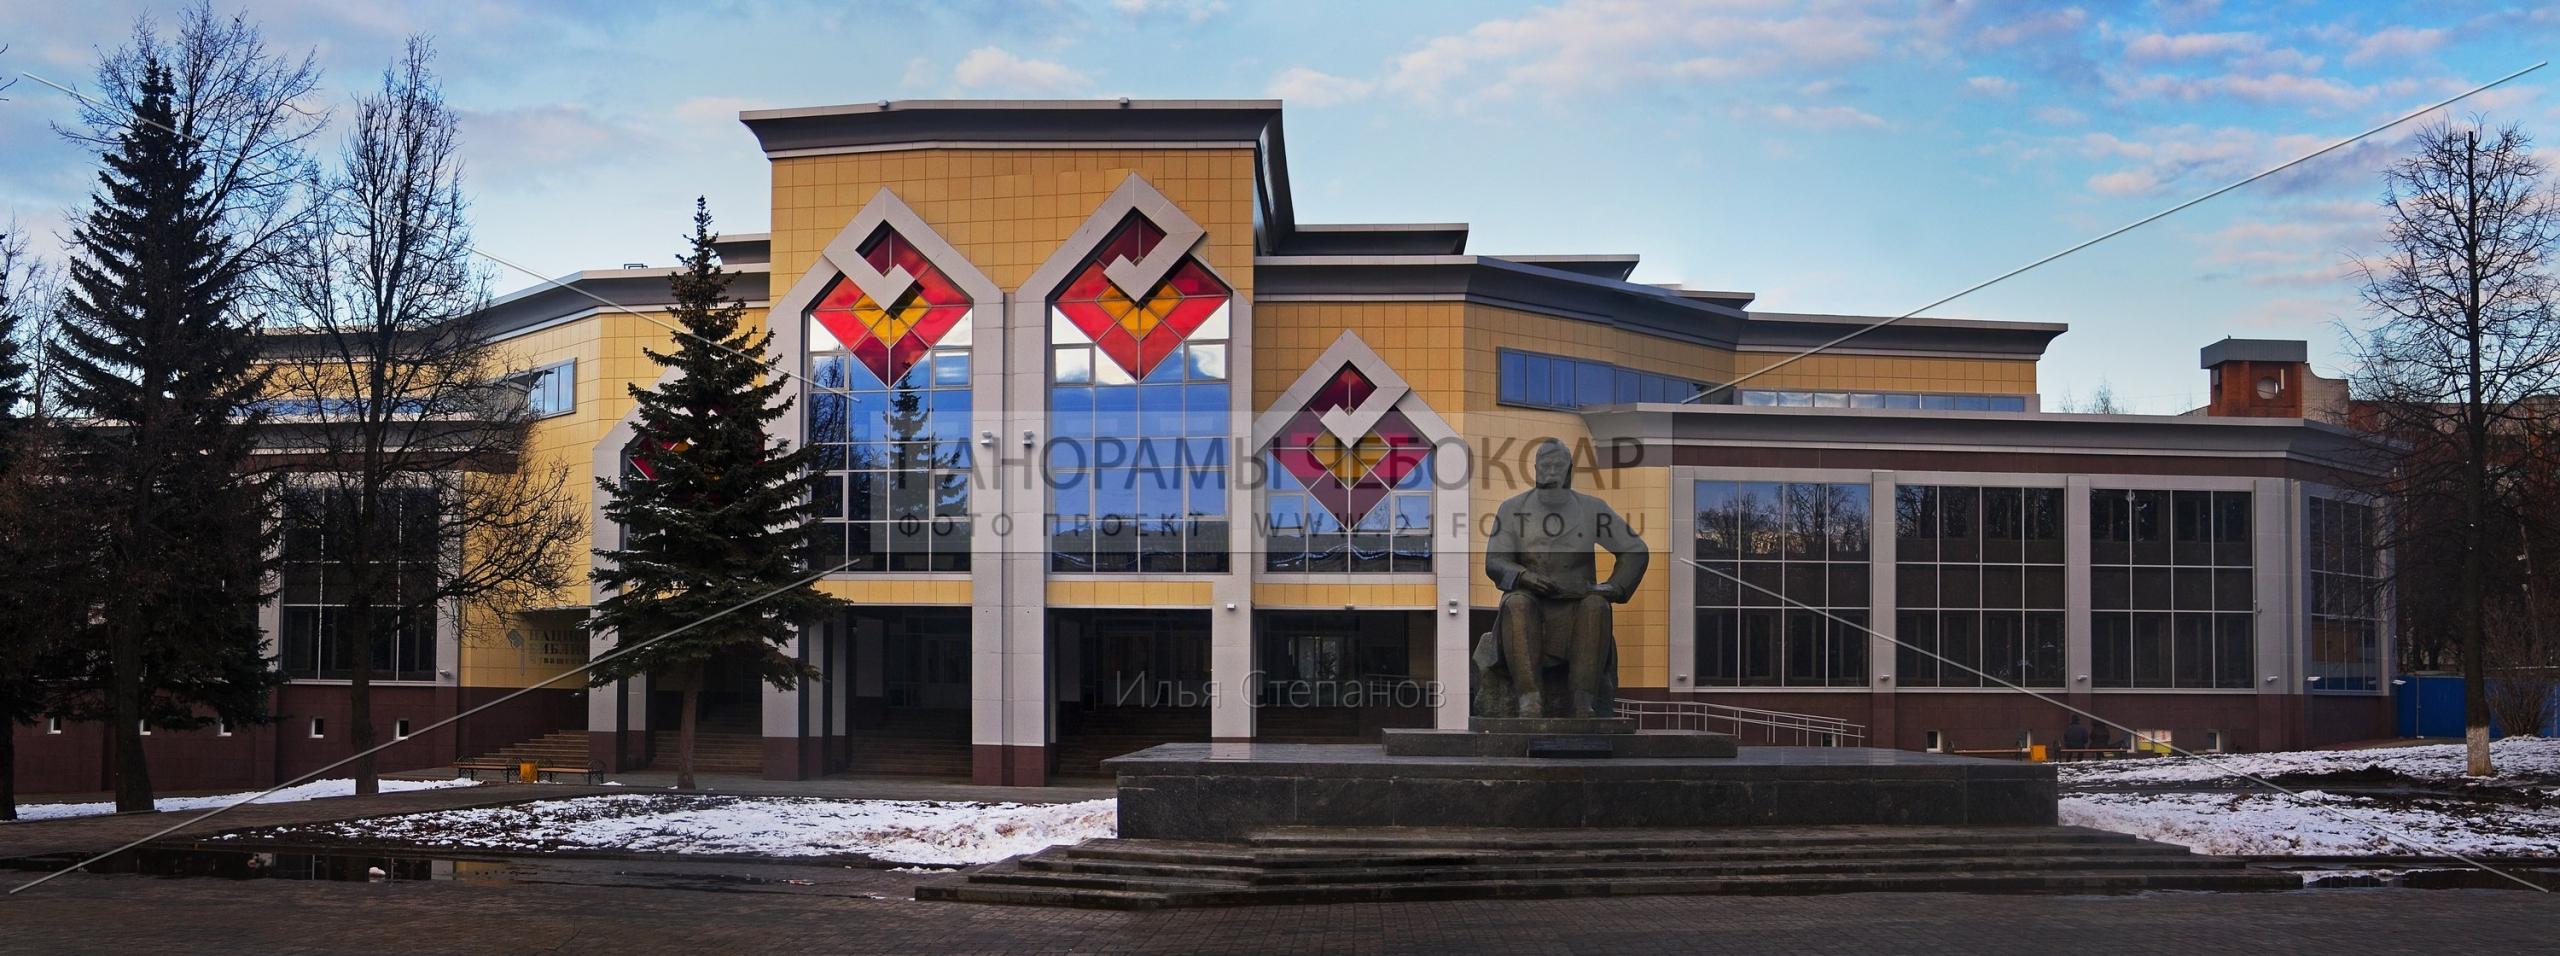 Памятник Ивану Яковлеву — Илья Степанов — Чебоксары